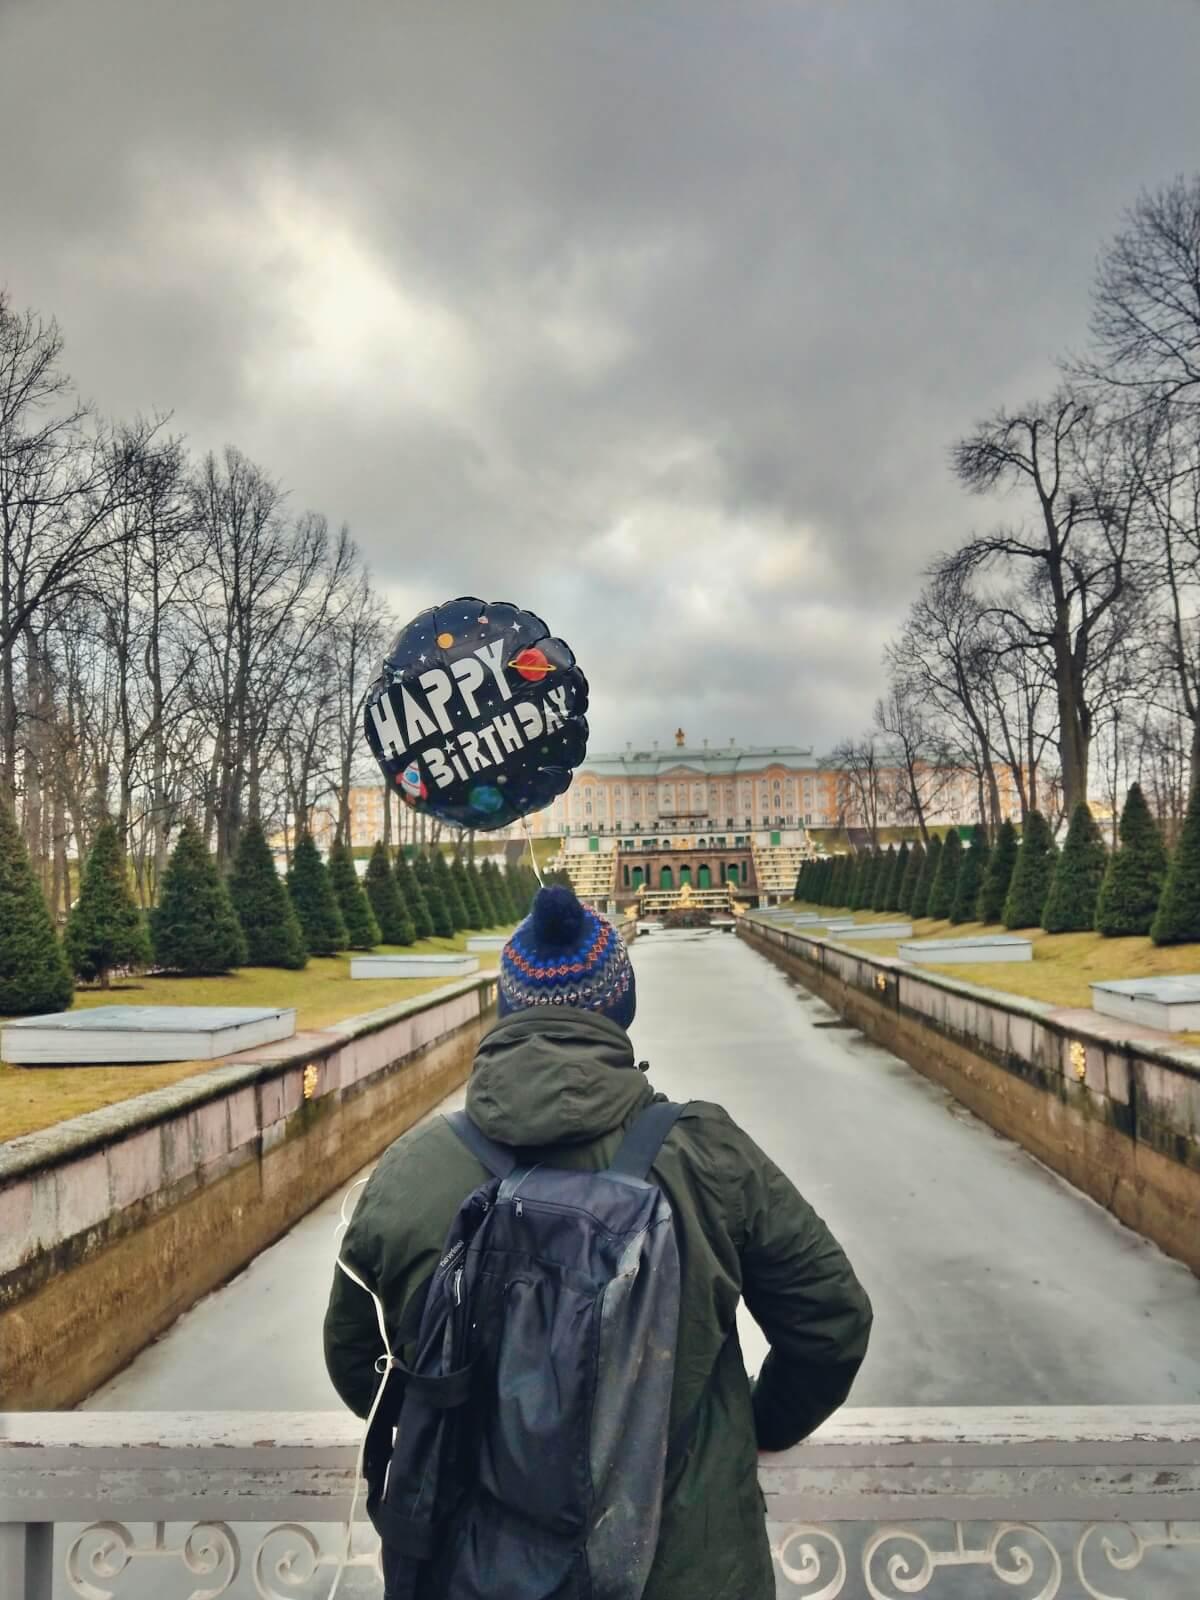 Bloger podróniczy z balonem przy carski pałac w Peterhofie.